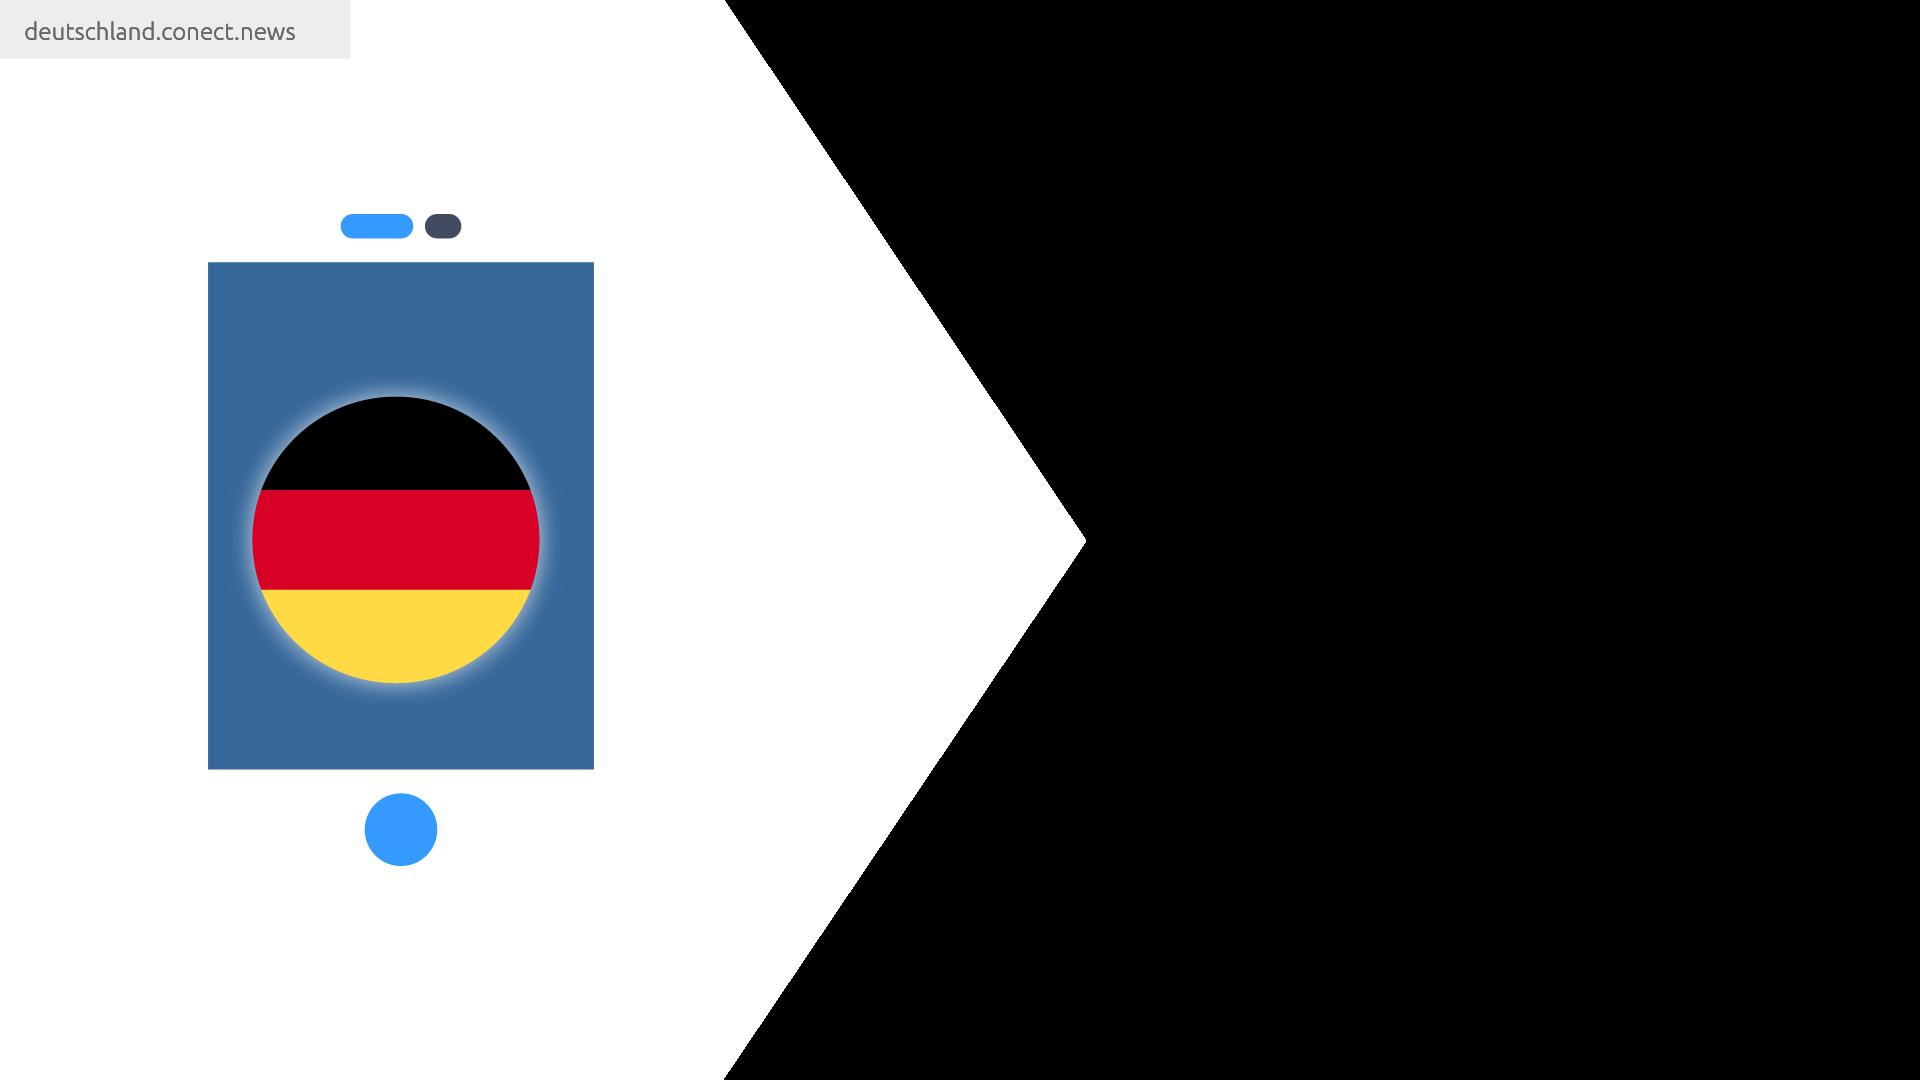 Deutschland-Anbieter-Marken @conect_news